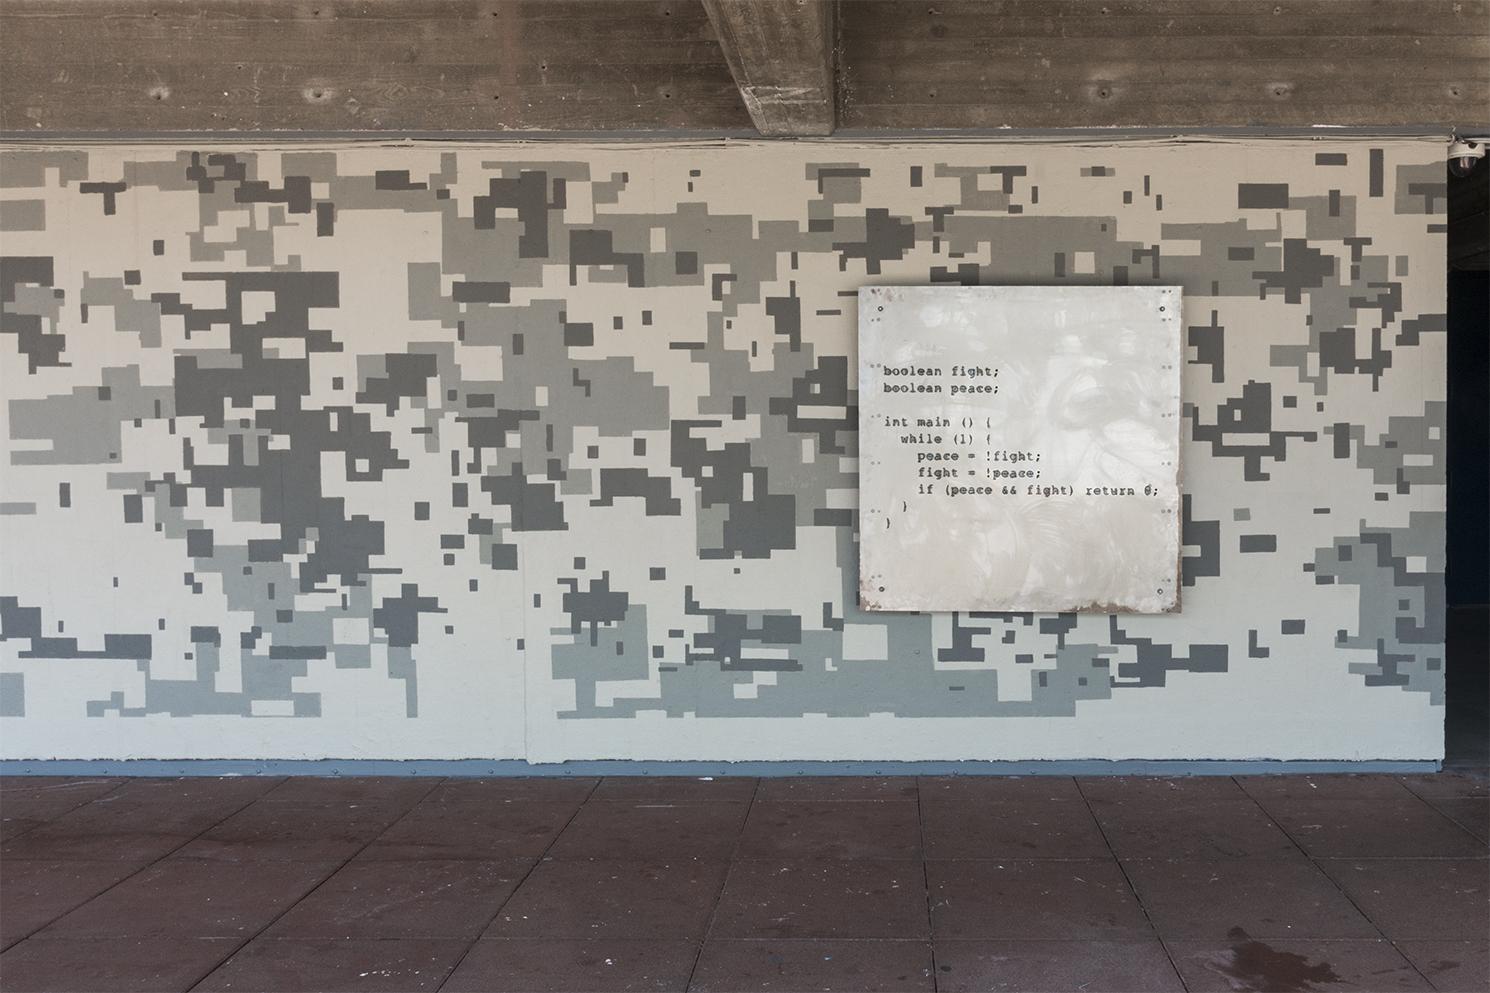 walter_mcbean_mural.jpg